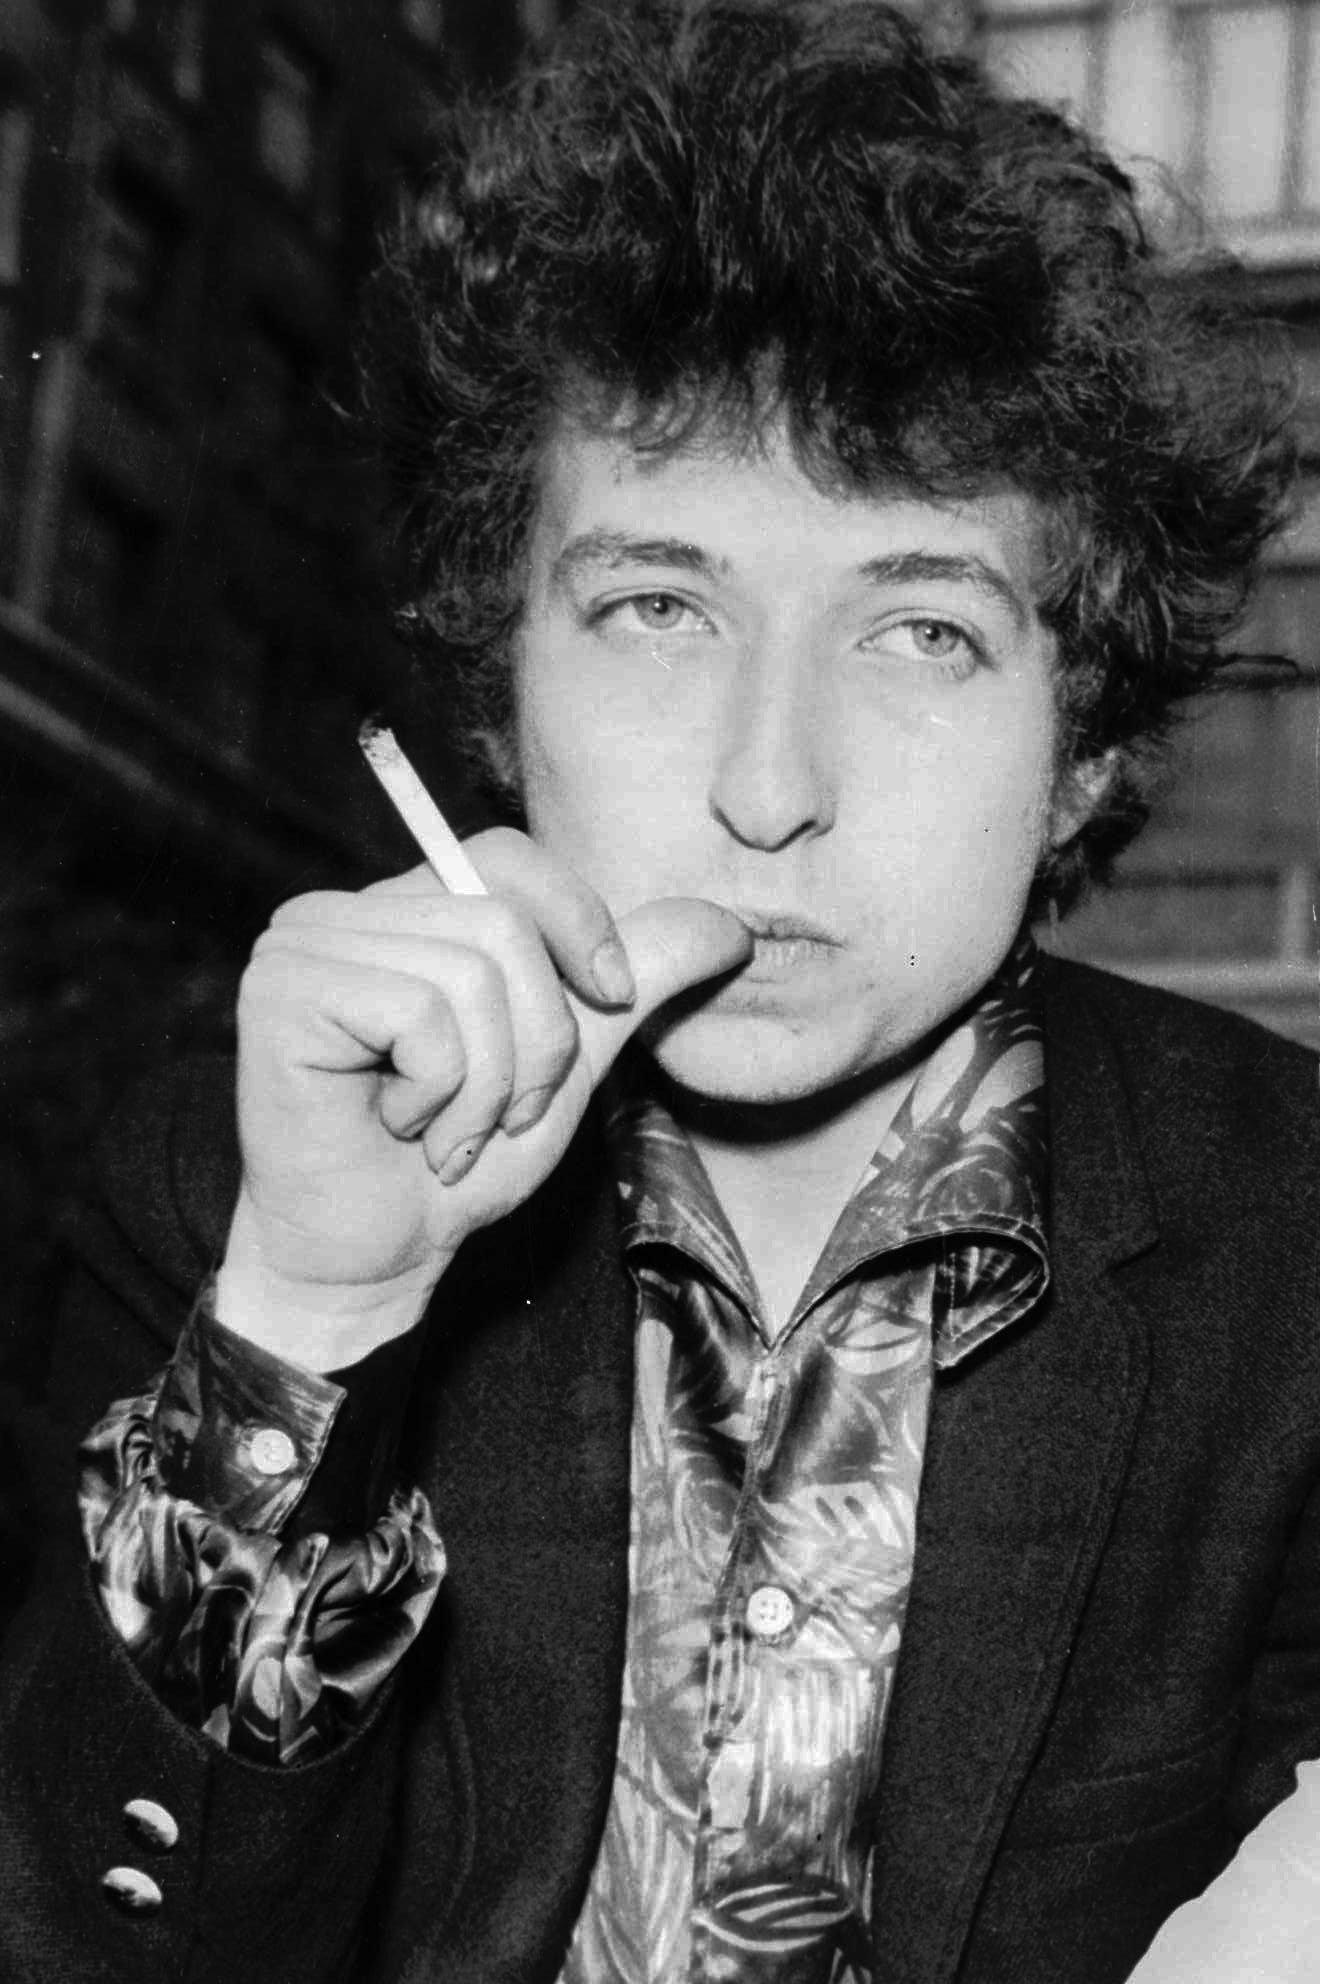 בוב דילן בלונדון, אפריל 1965 (צילום: AP Photo)